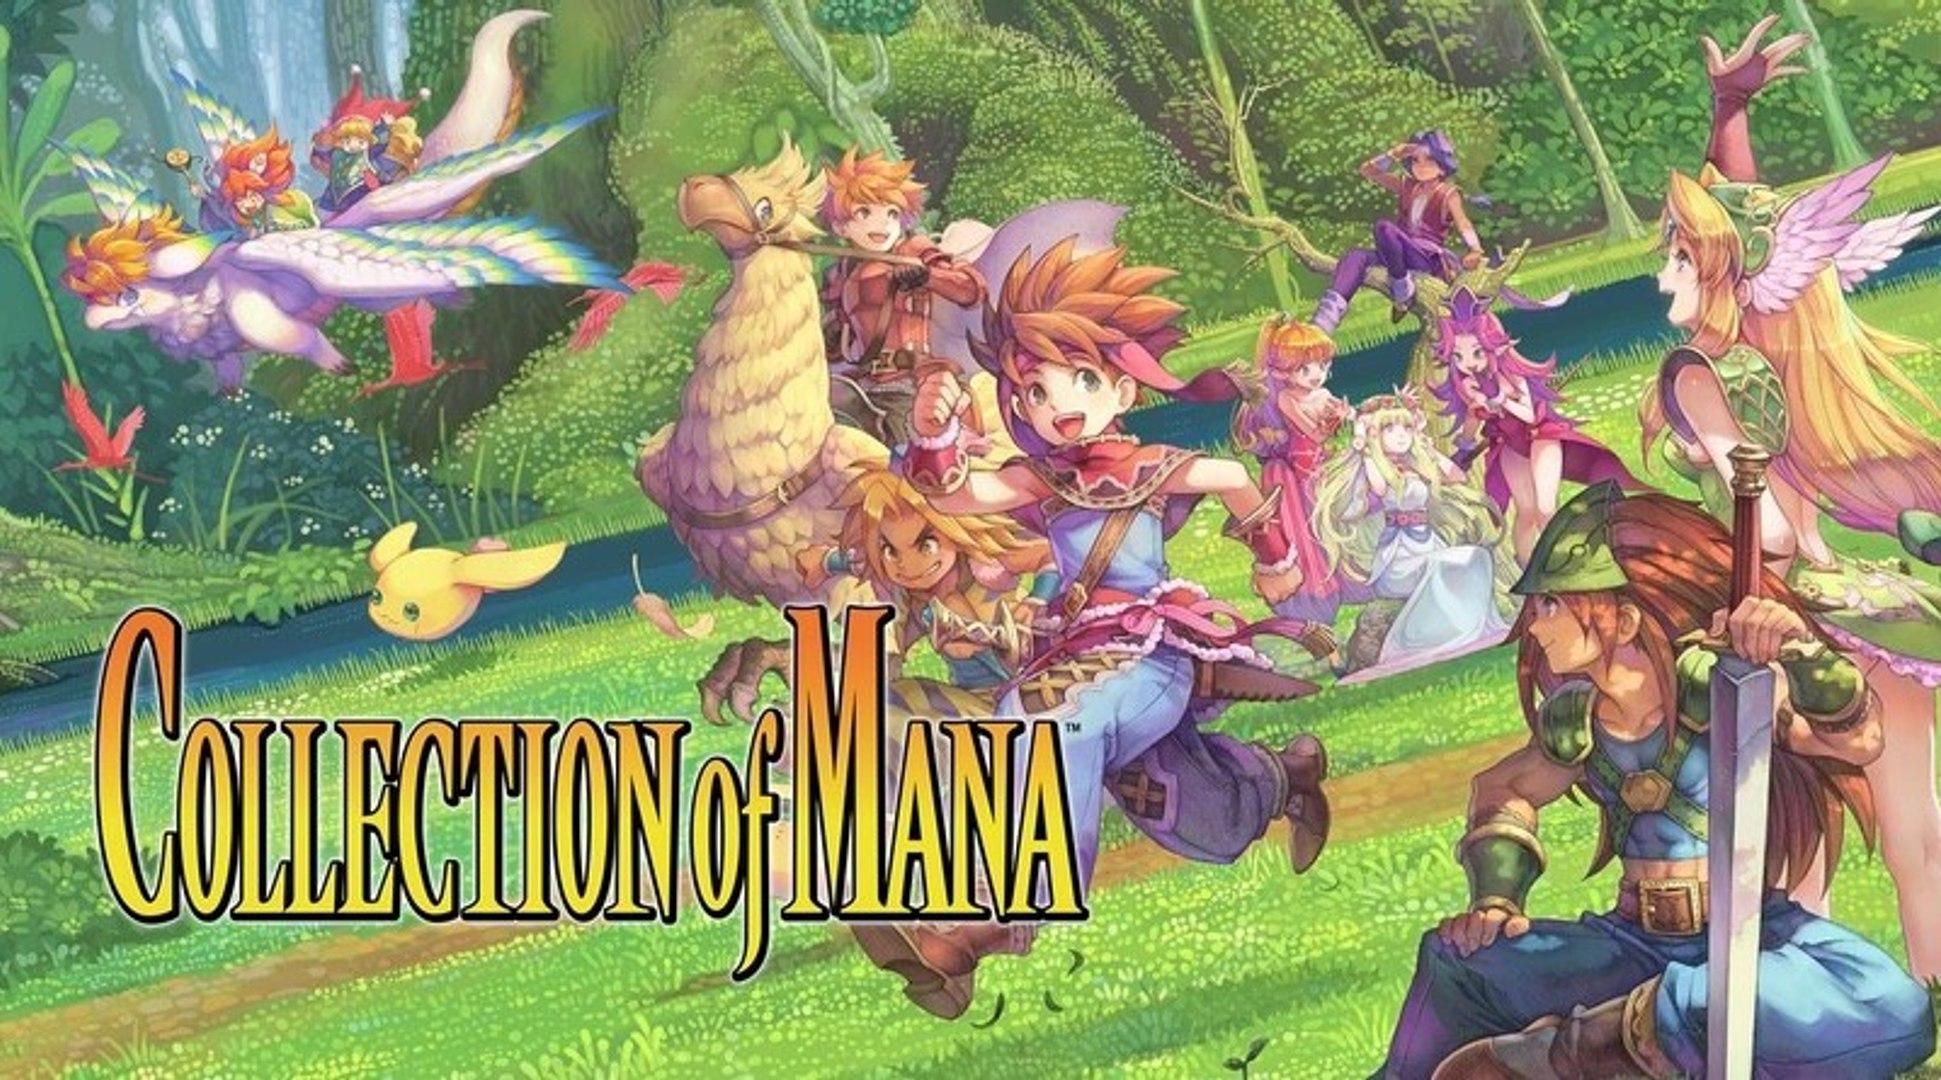 Collection of Mana - - Nintendo Switch Trailer - Nintendo E3 2019